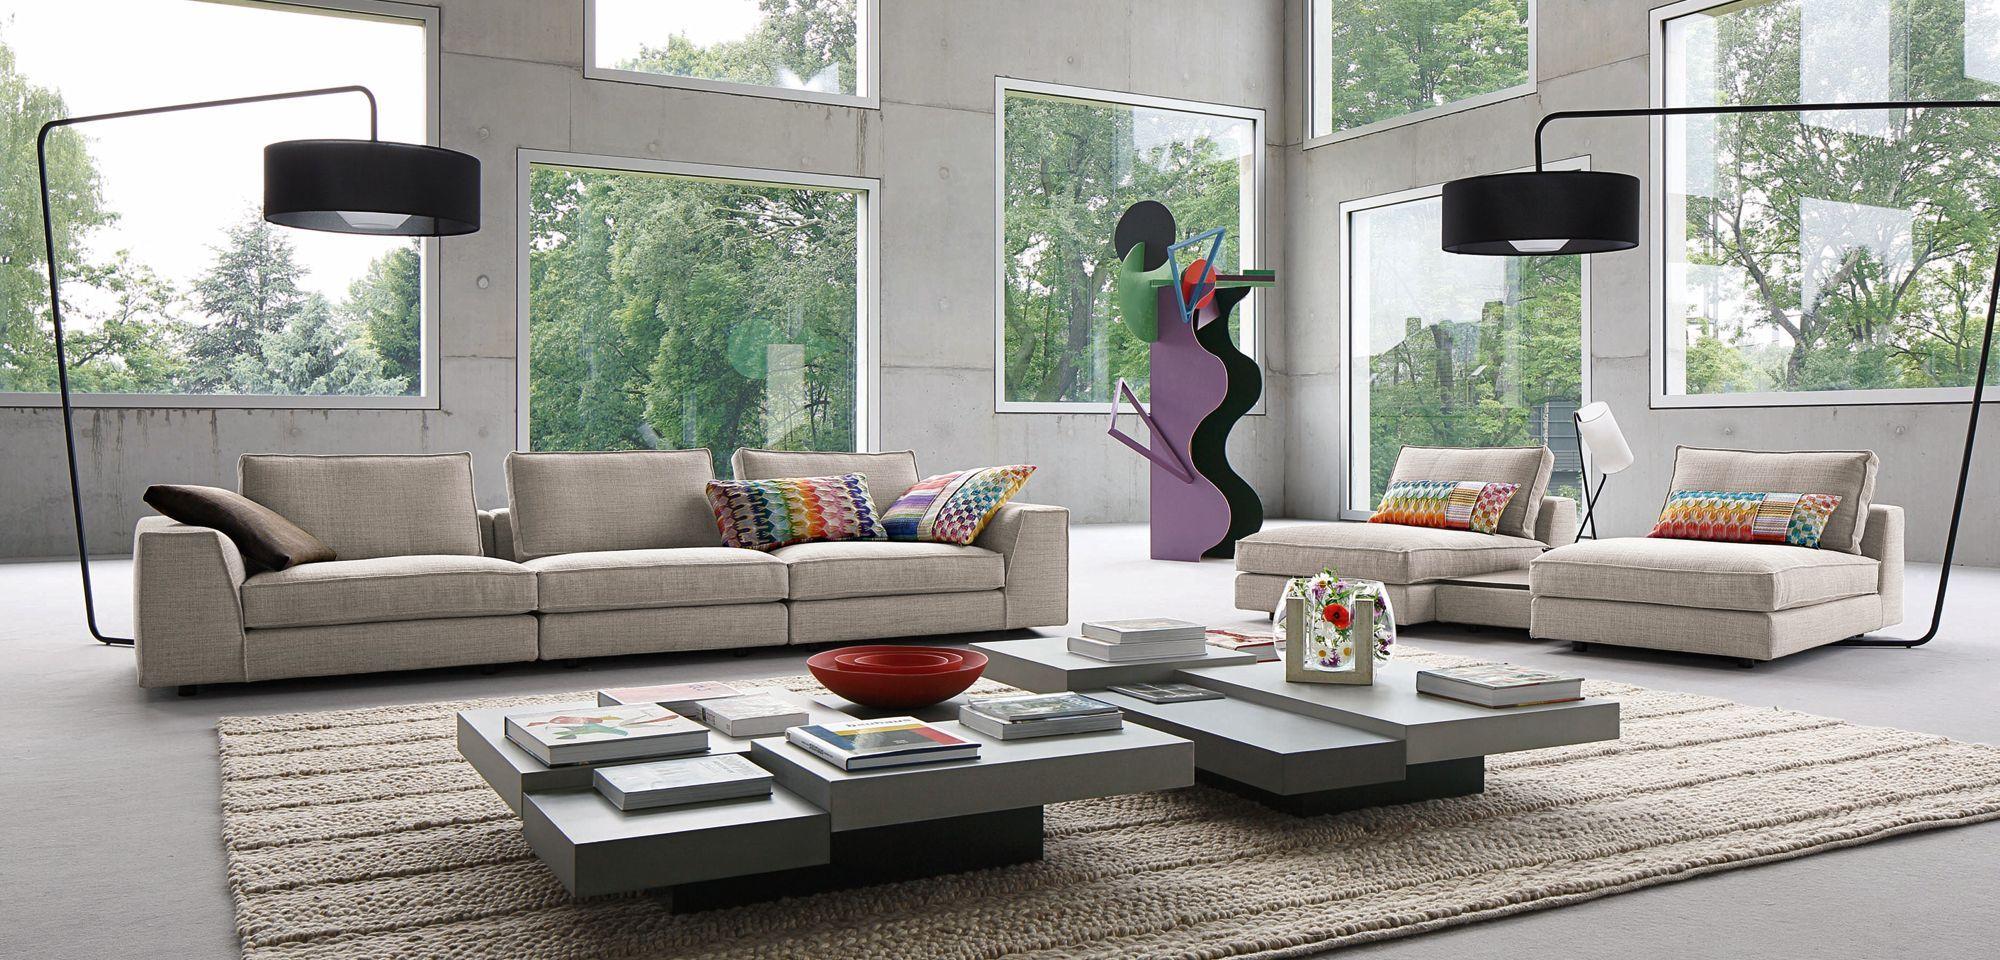 Schön Ausgefallene Couch Dekoration Von Room